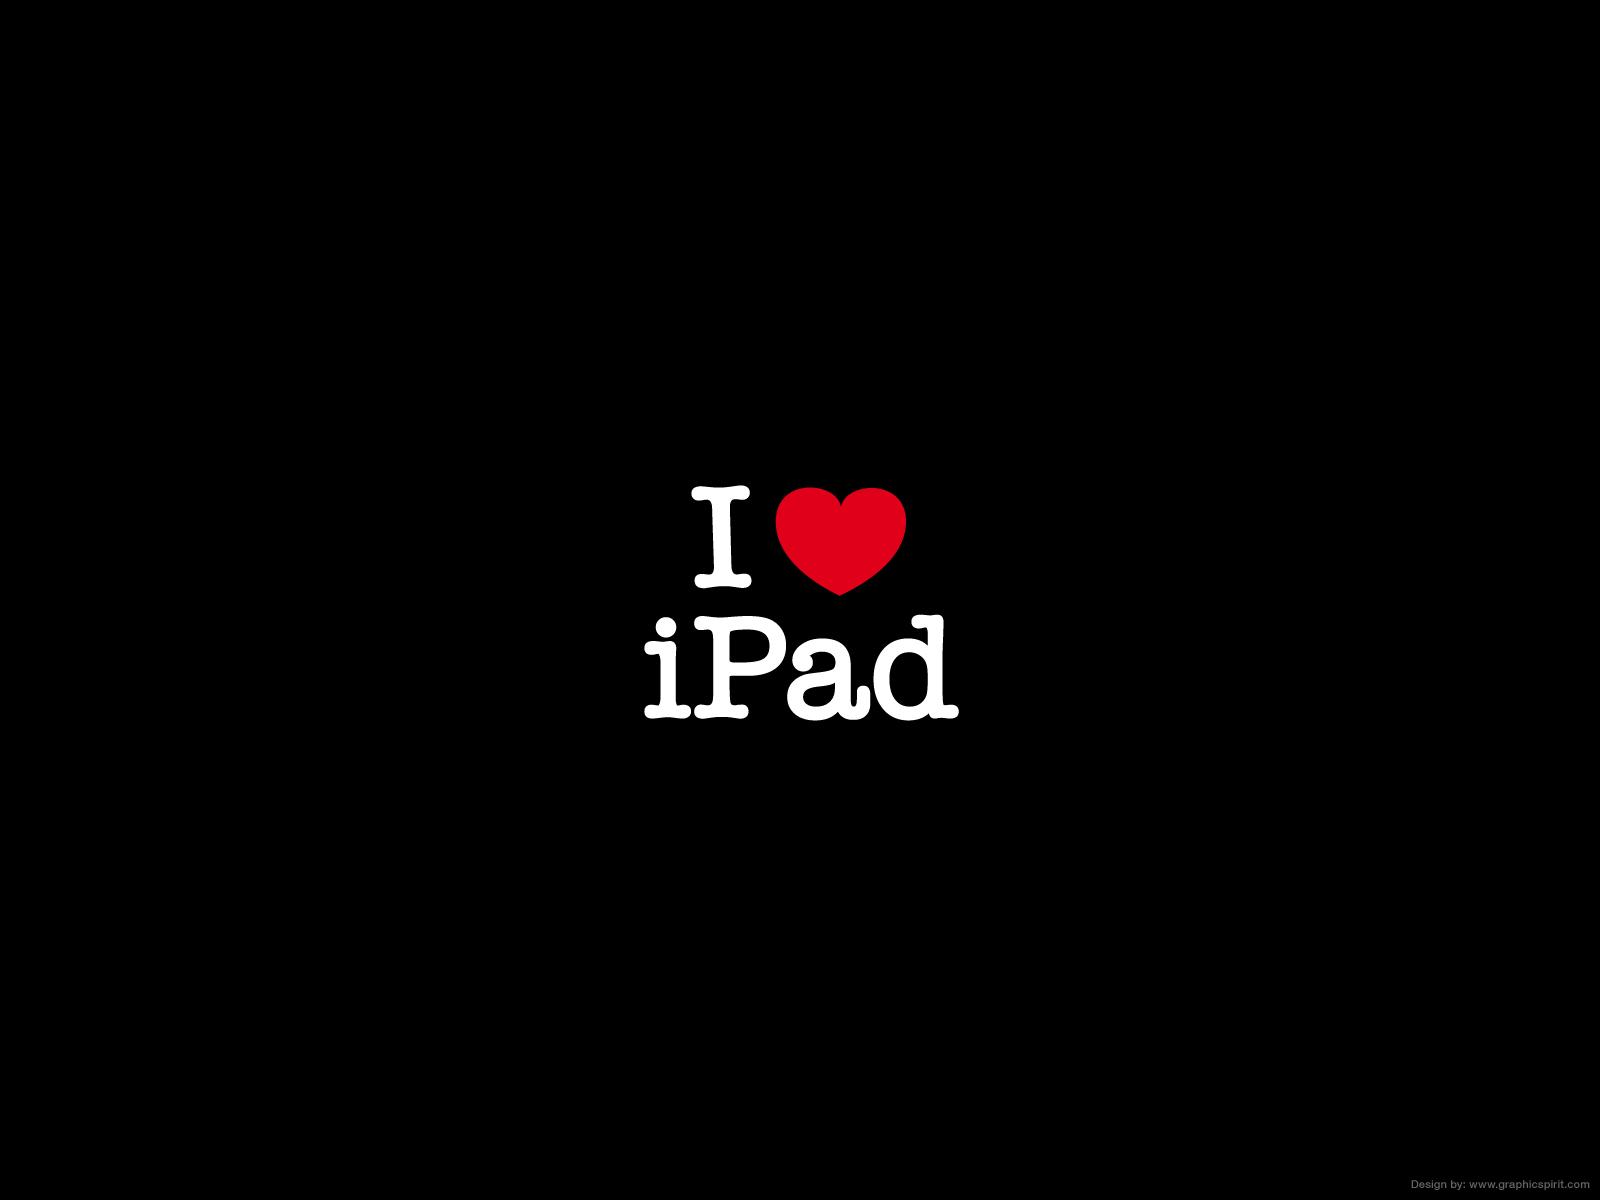 1600x1200 I Love iPad black desktop PC and Mac wallpaper 1600x1200